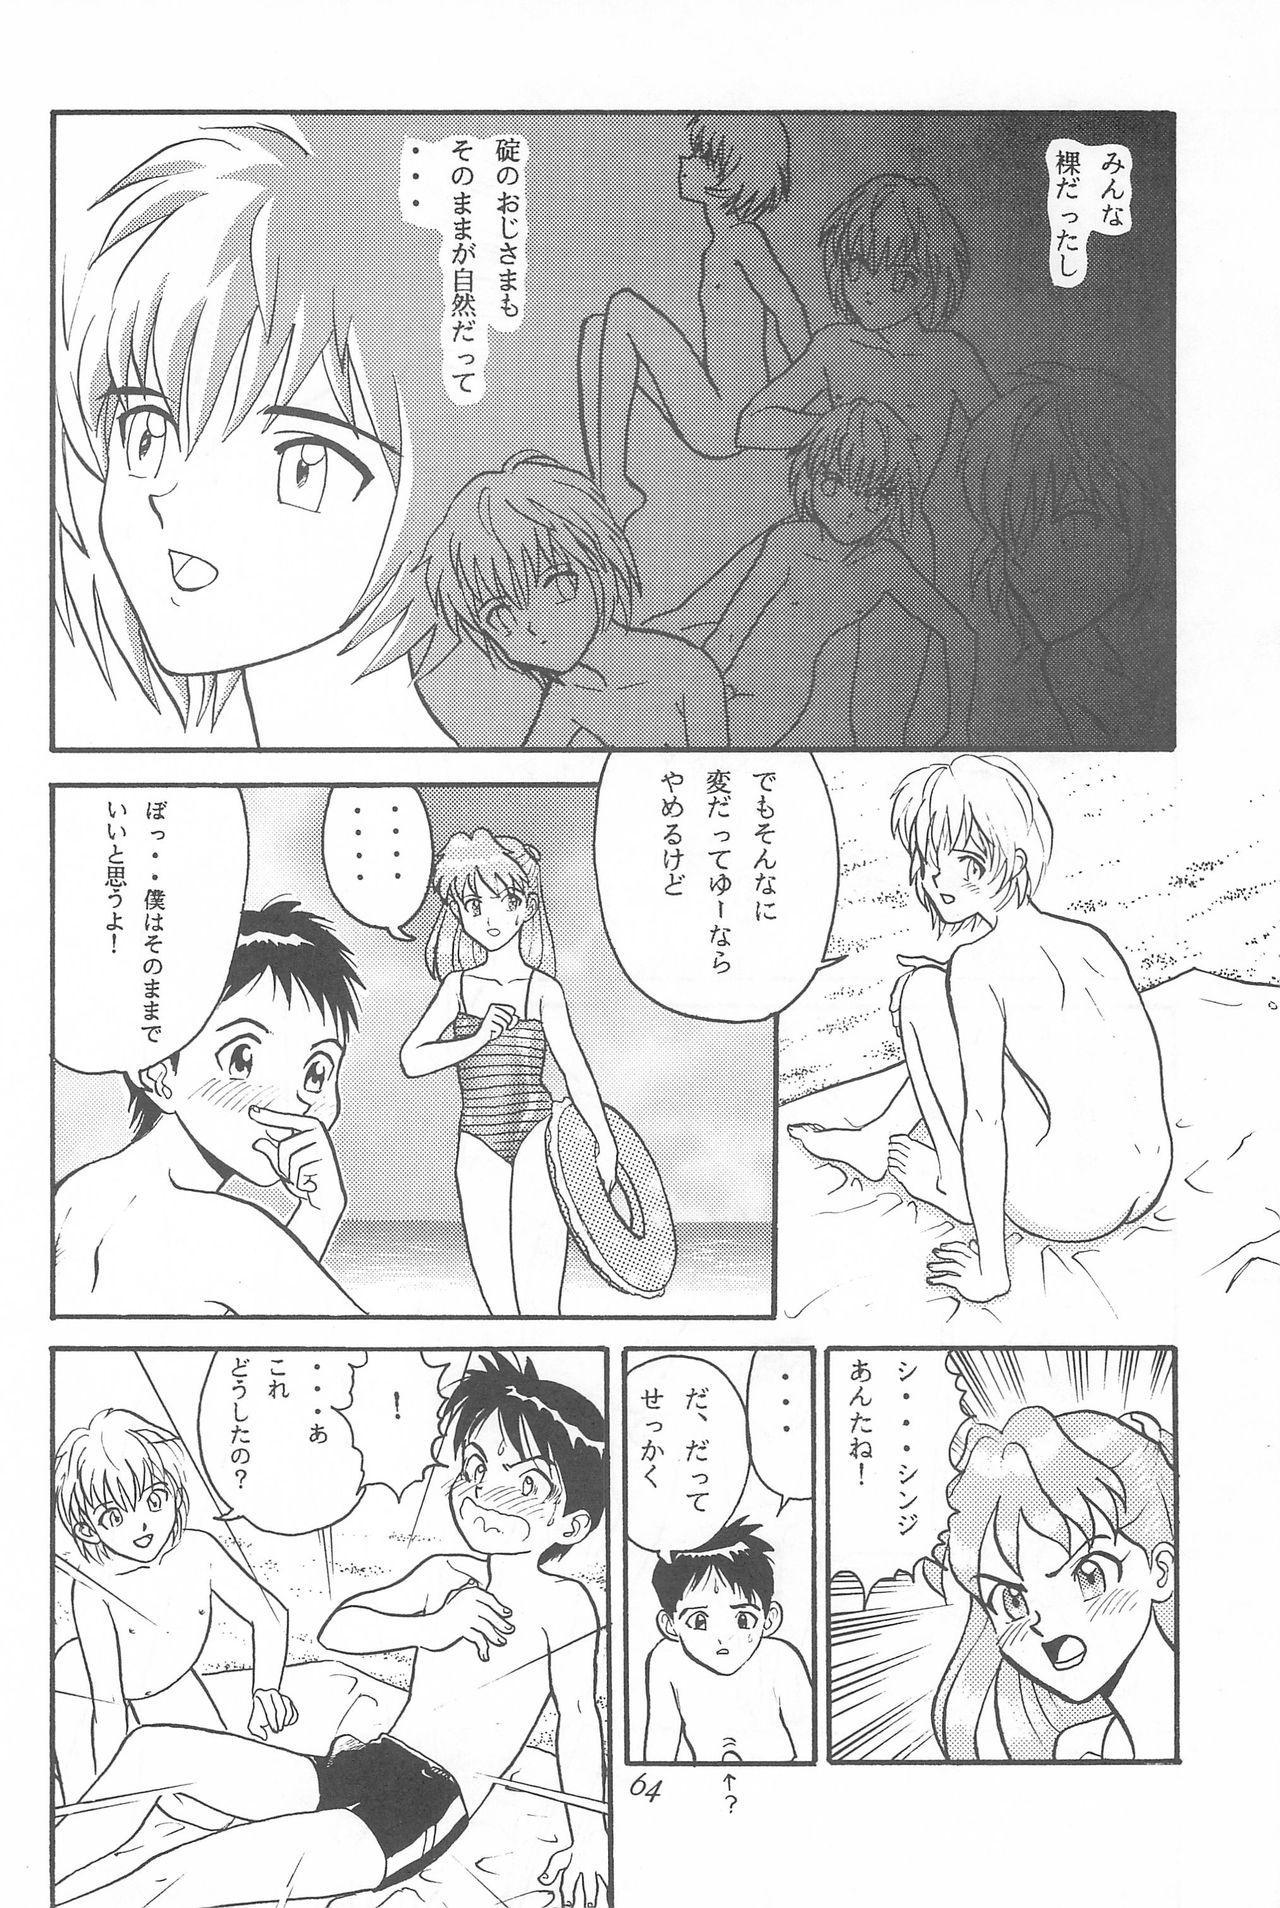 Youseiki Evanlolibon 63